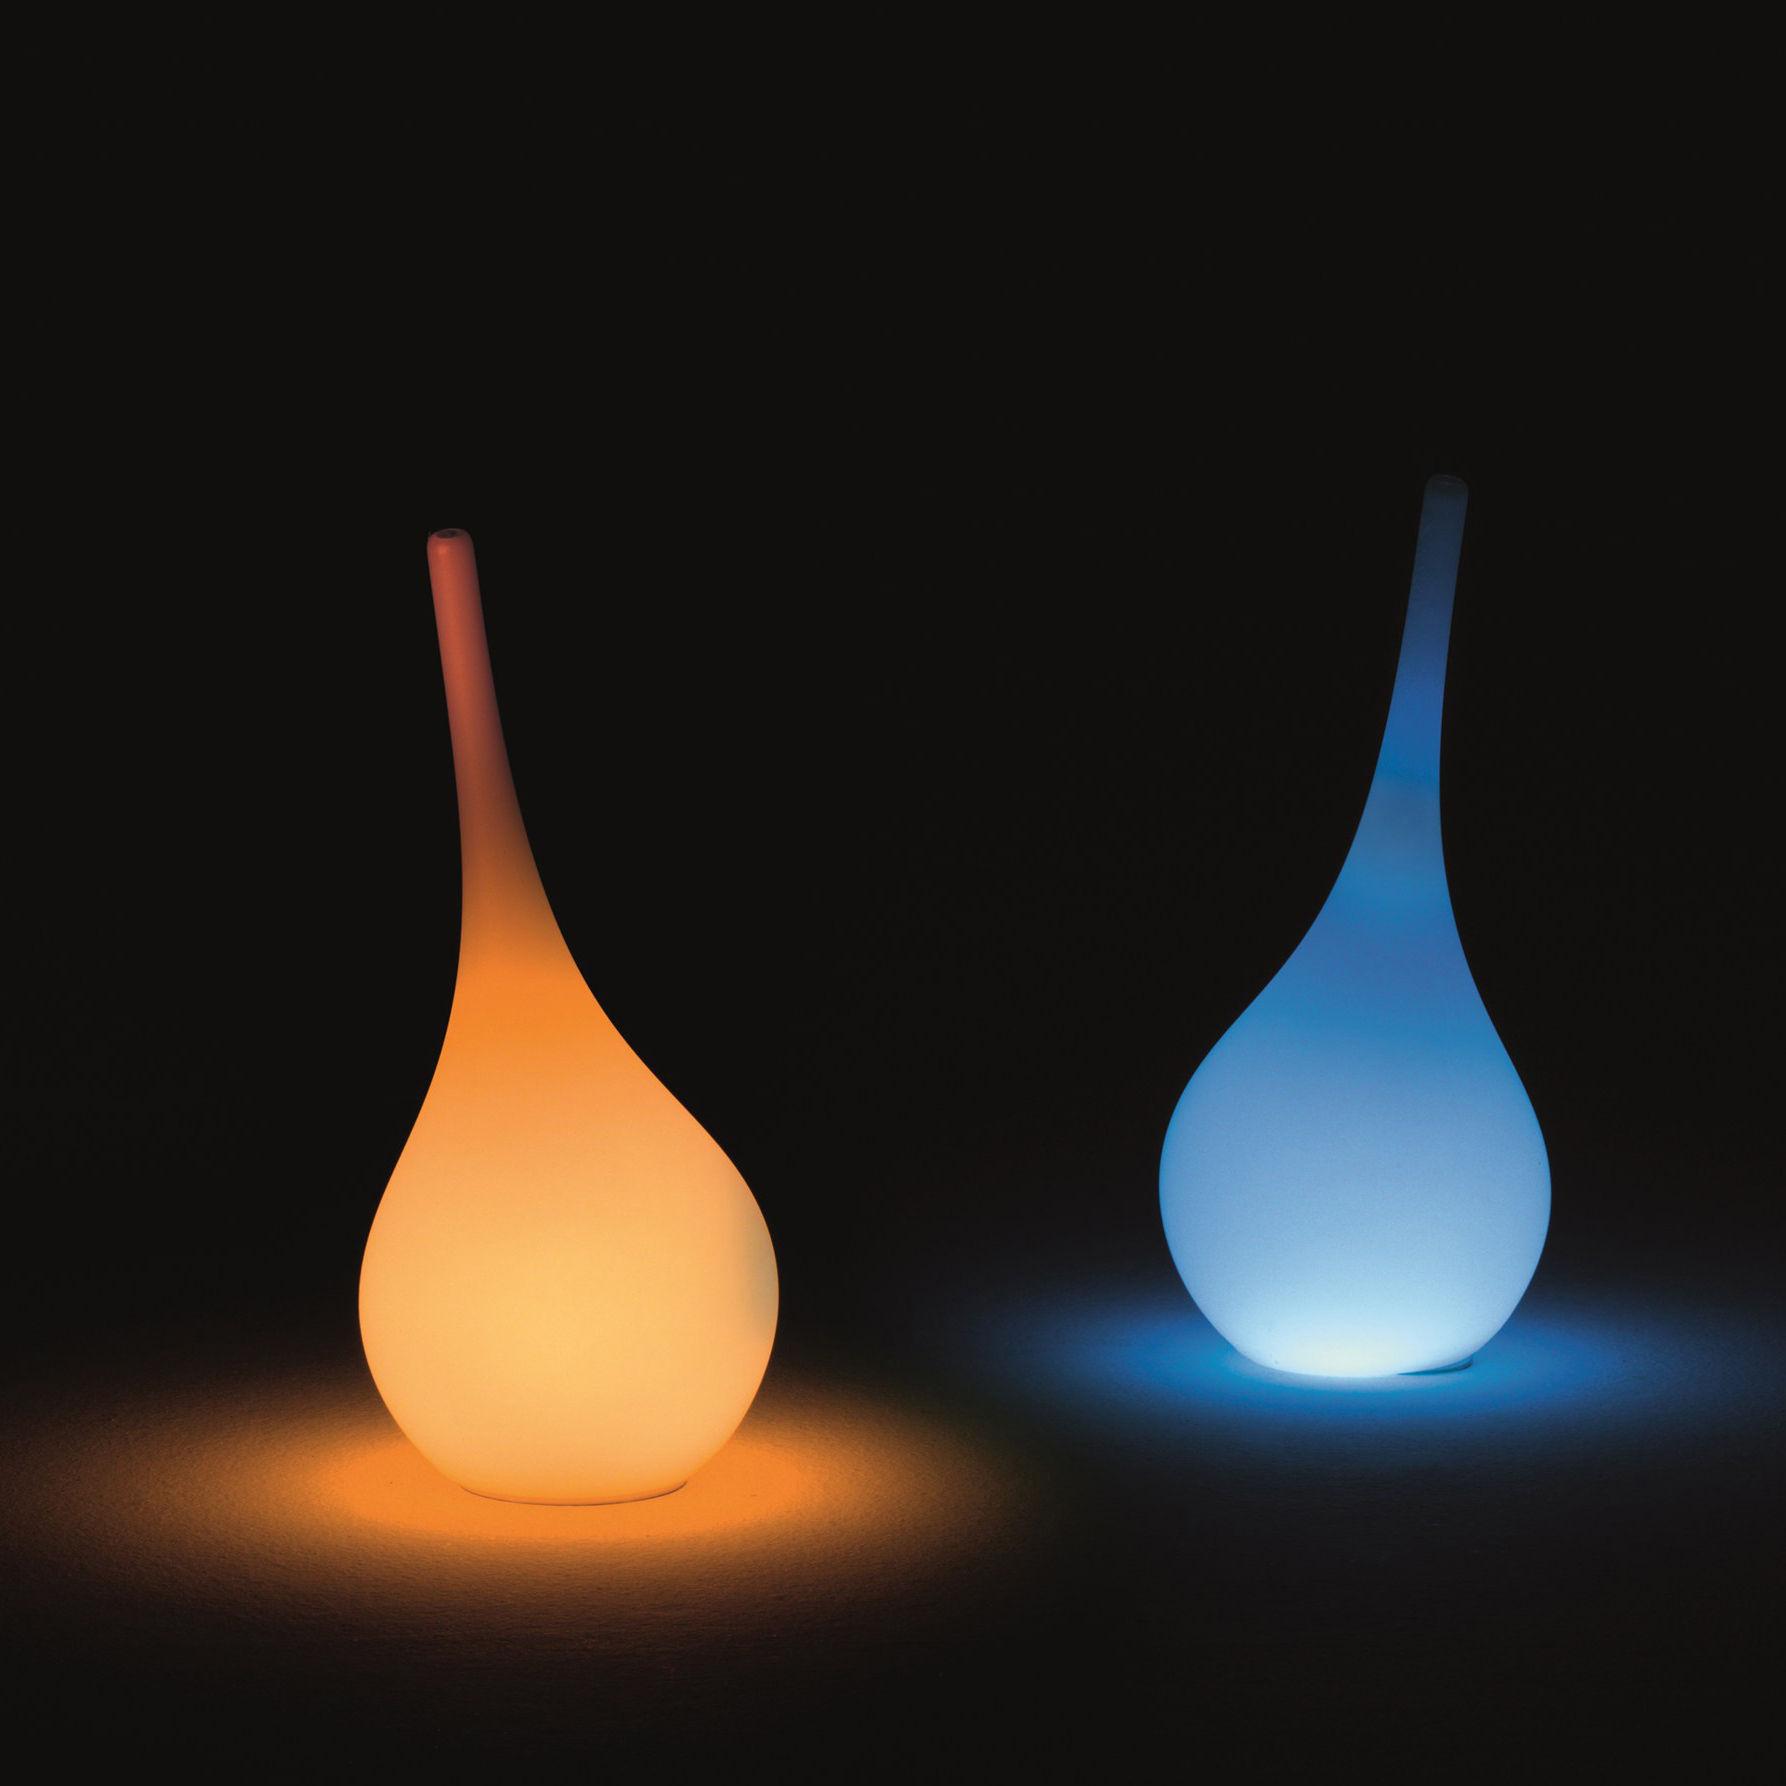 Dekoration - Vasen - Ampoule Leuchtende Vase / H 35 cm - RGB-LED, kabellos - Outdoor-Version - MyYour - Weiß / mehrfarbiges Licht - Poleasy®